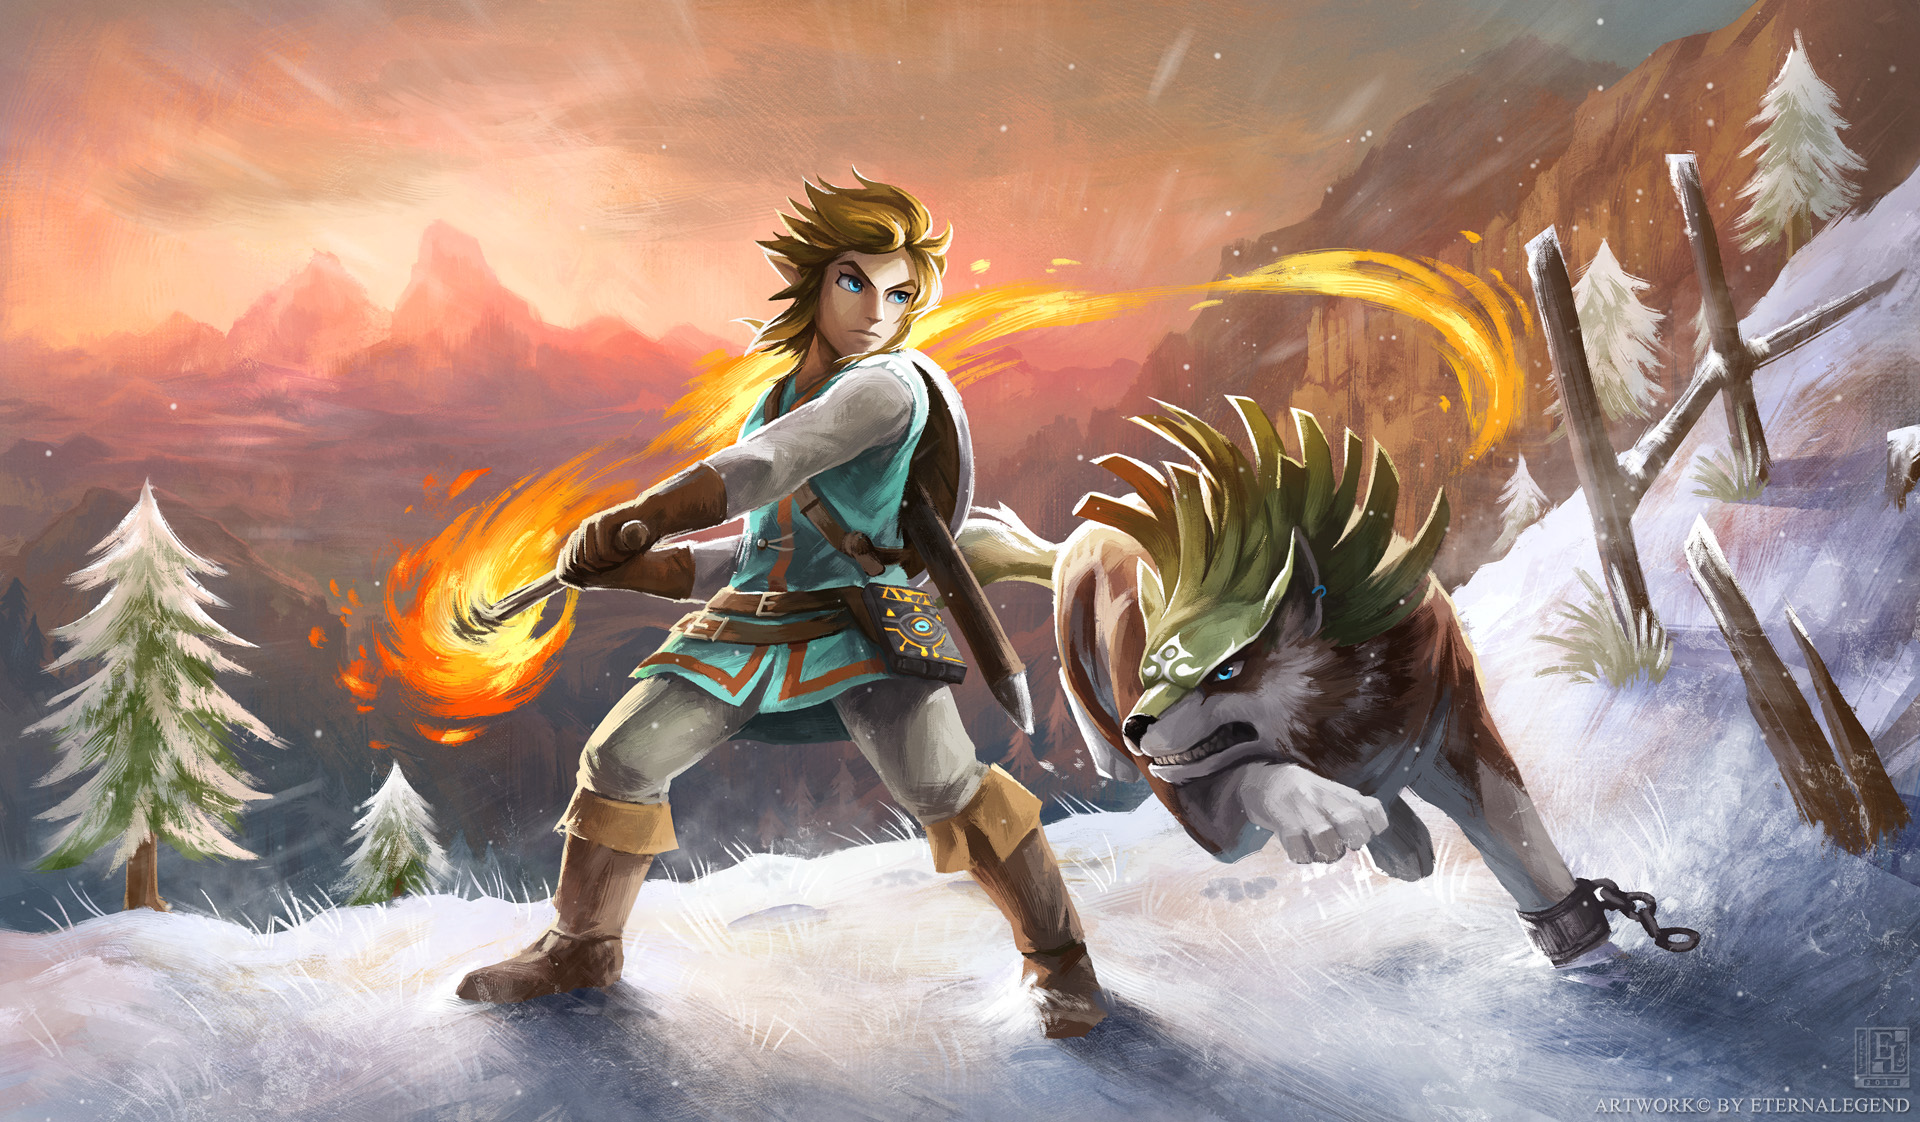 The Legend of Zelda Breath of the Wild HD Wallpaper 13   1920 X 1920x1122